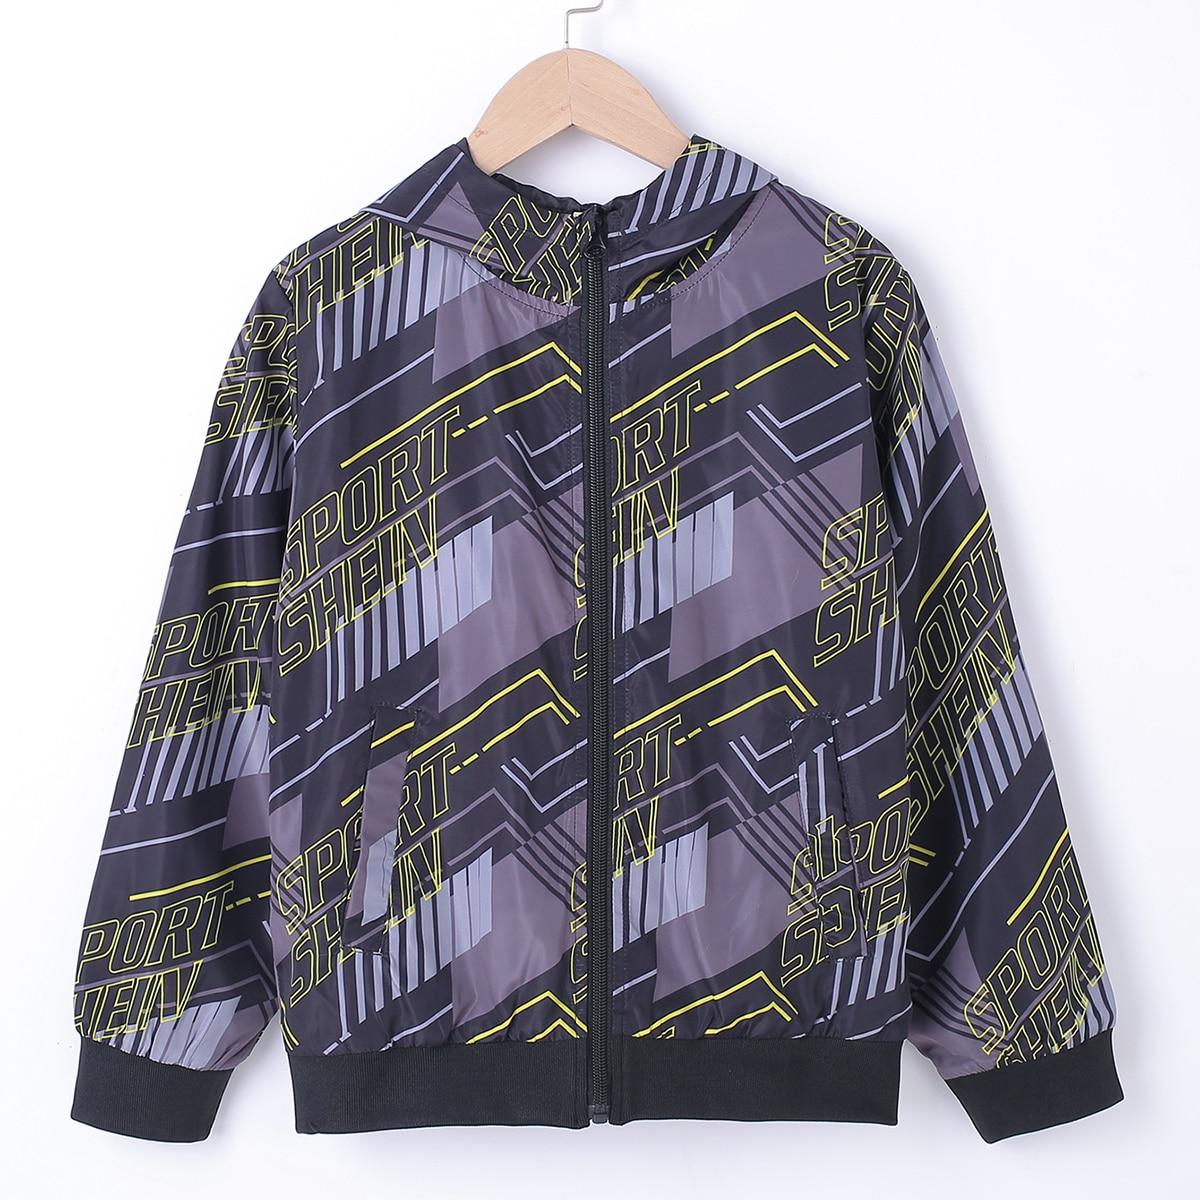 Куртка-ветровка с капюшоном, текстовым принтом и молнией для мальчиков от SHEIN